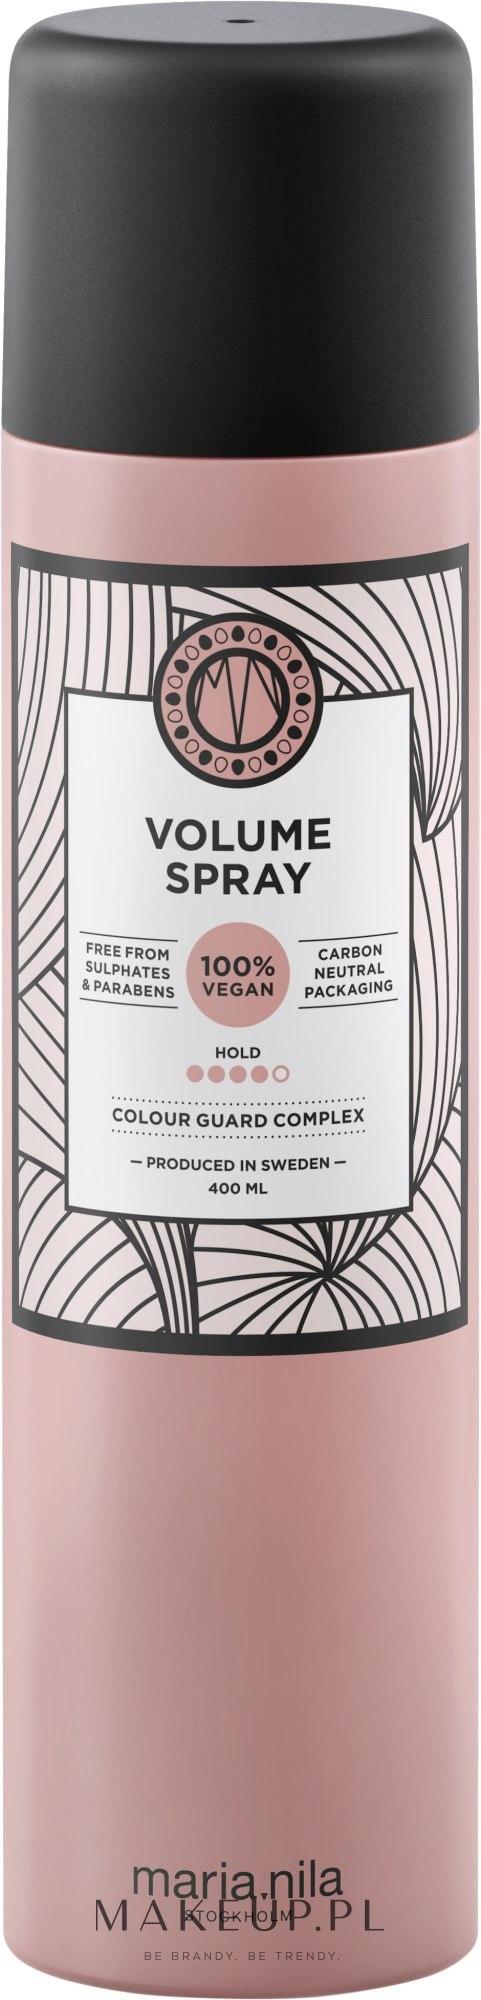 Lakier dodający włosom objętości - Maria Nila Volume Spray — фото 400 ml